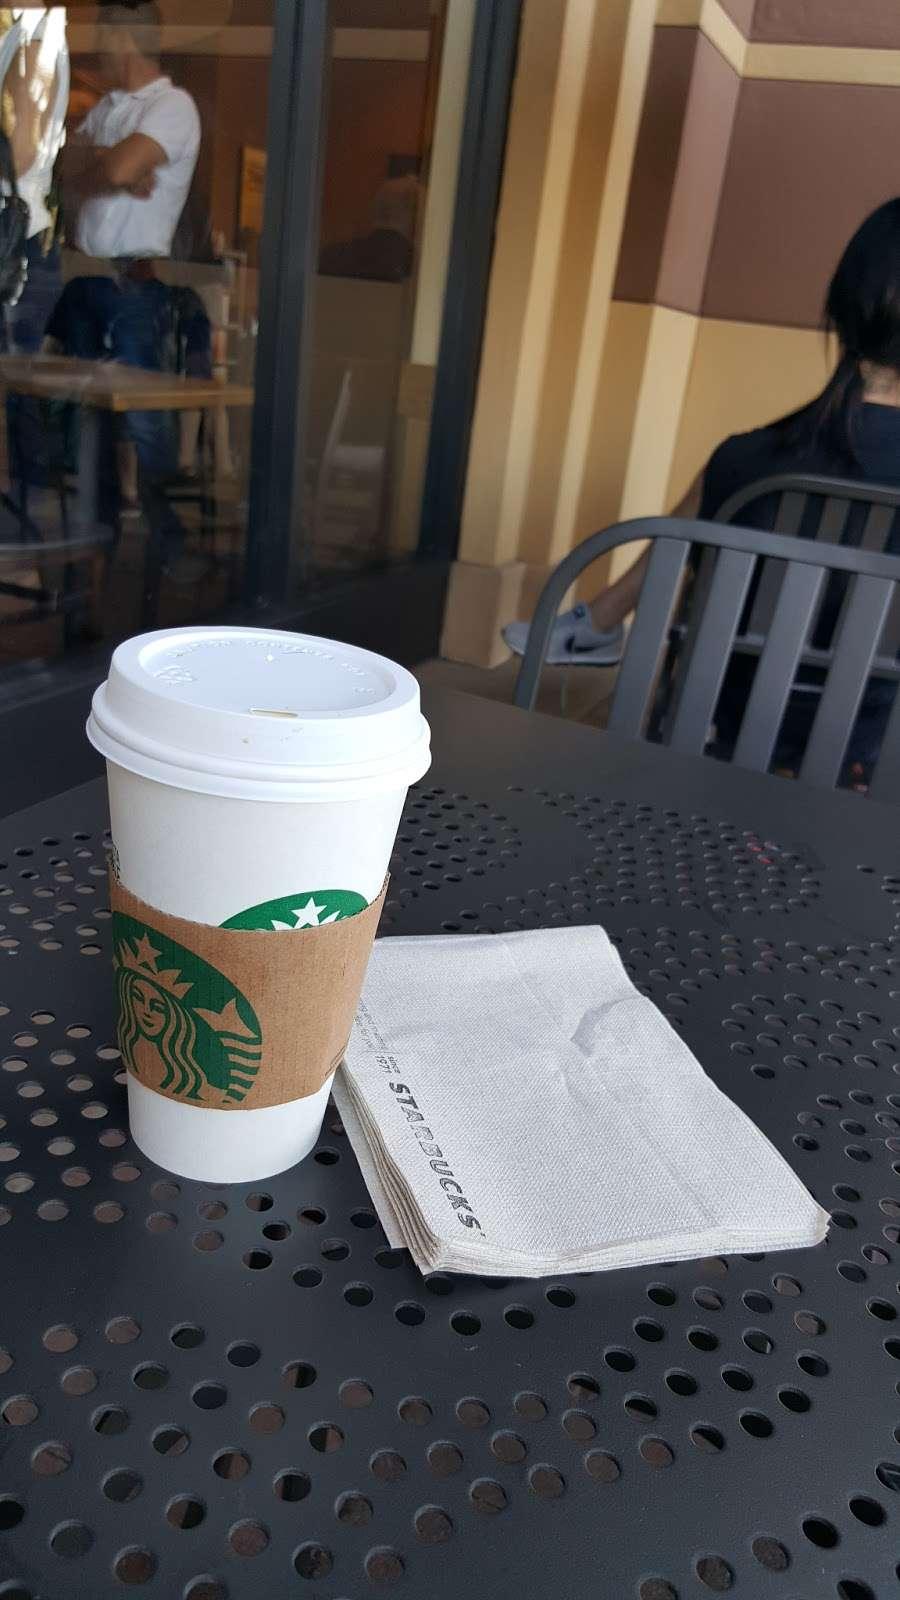 Starbucks - cafe  | Photo 5 of 10 | Address: 6364 Irvine Blvd, Irvine, CA 92620, USA | Phone: (949) 786-0825